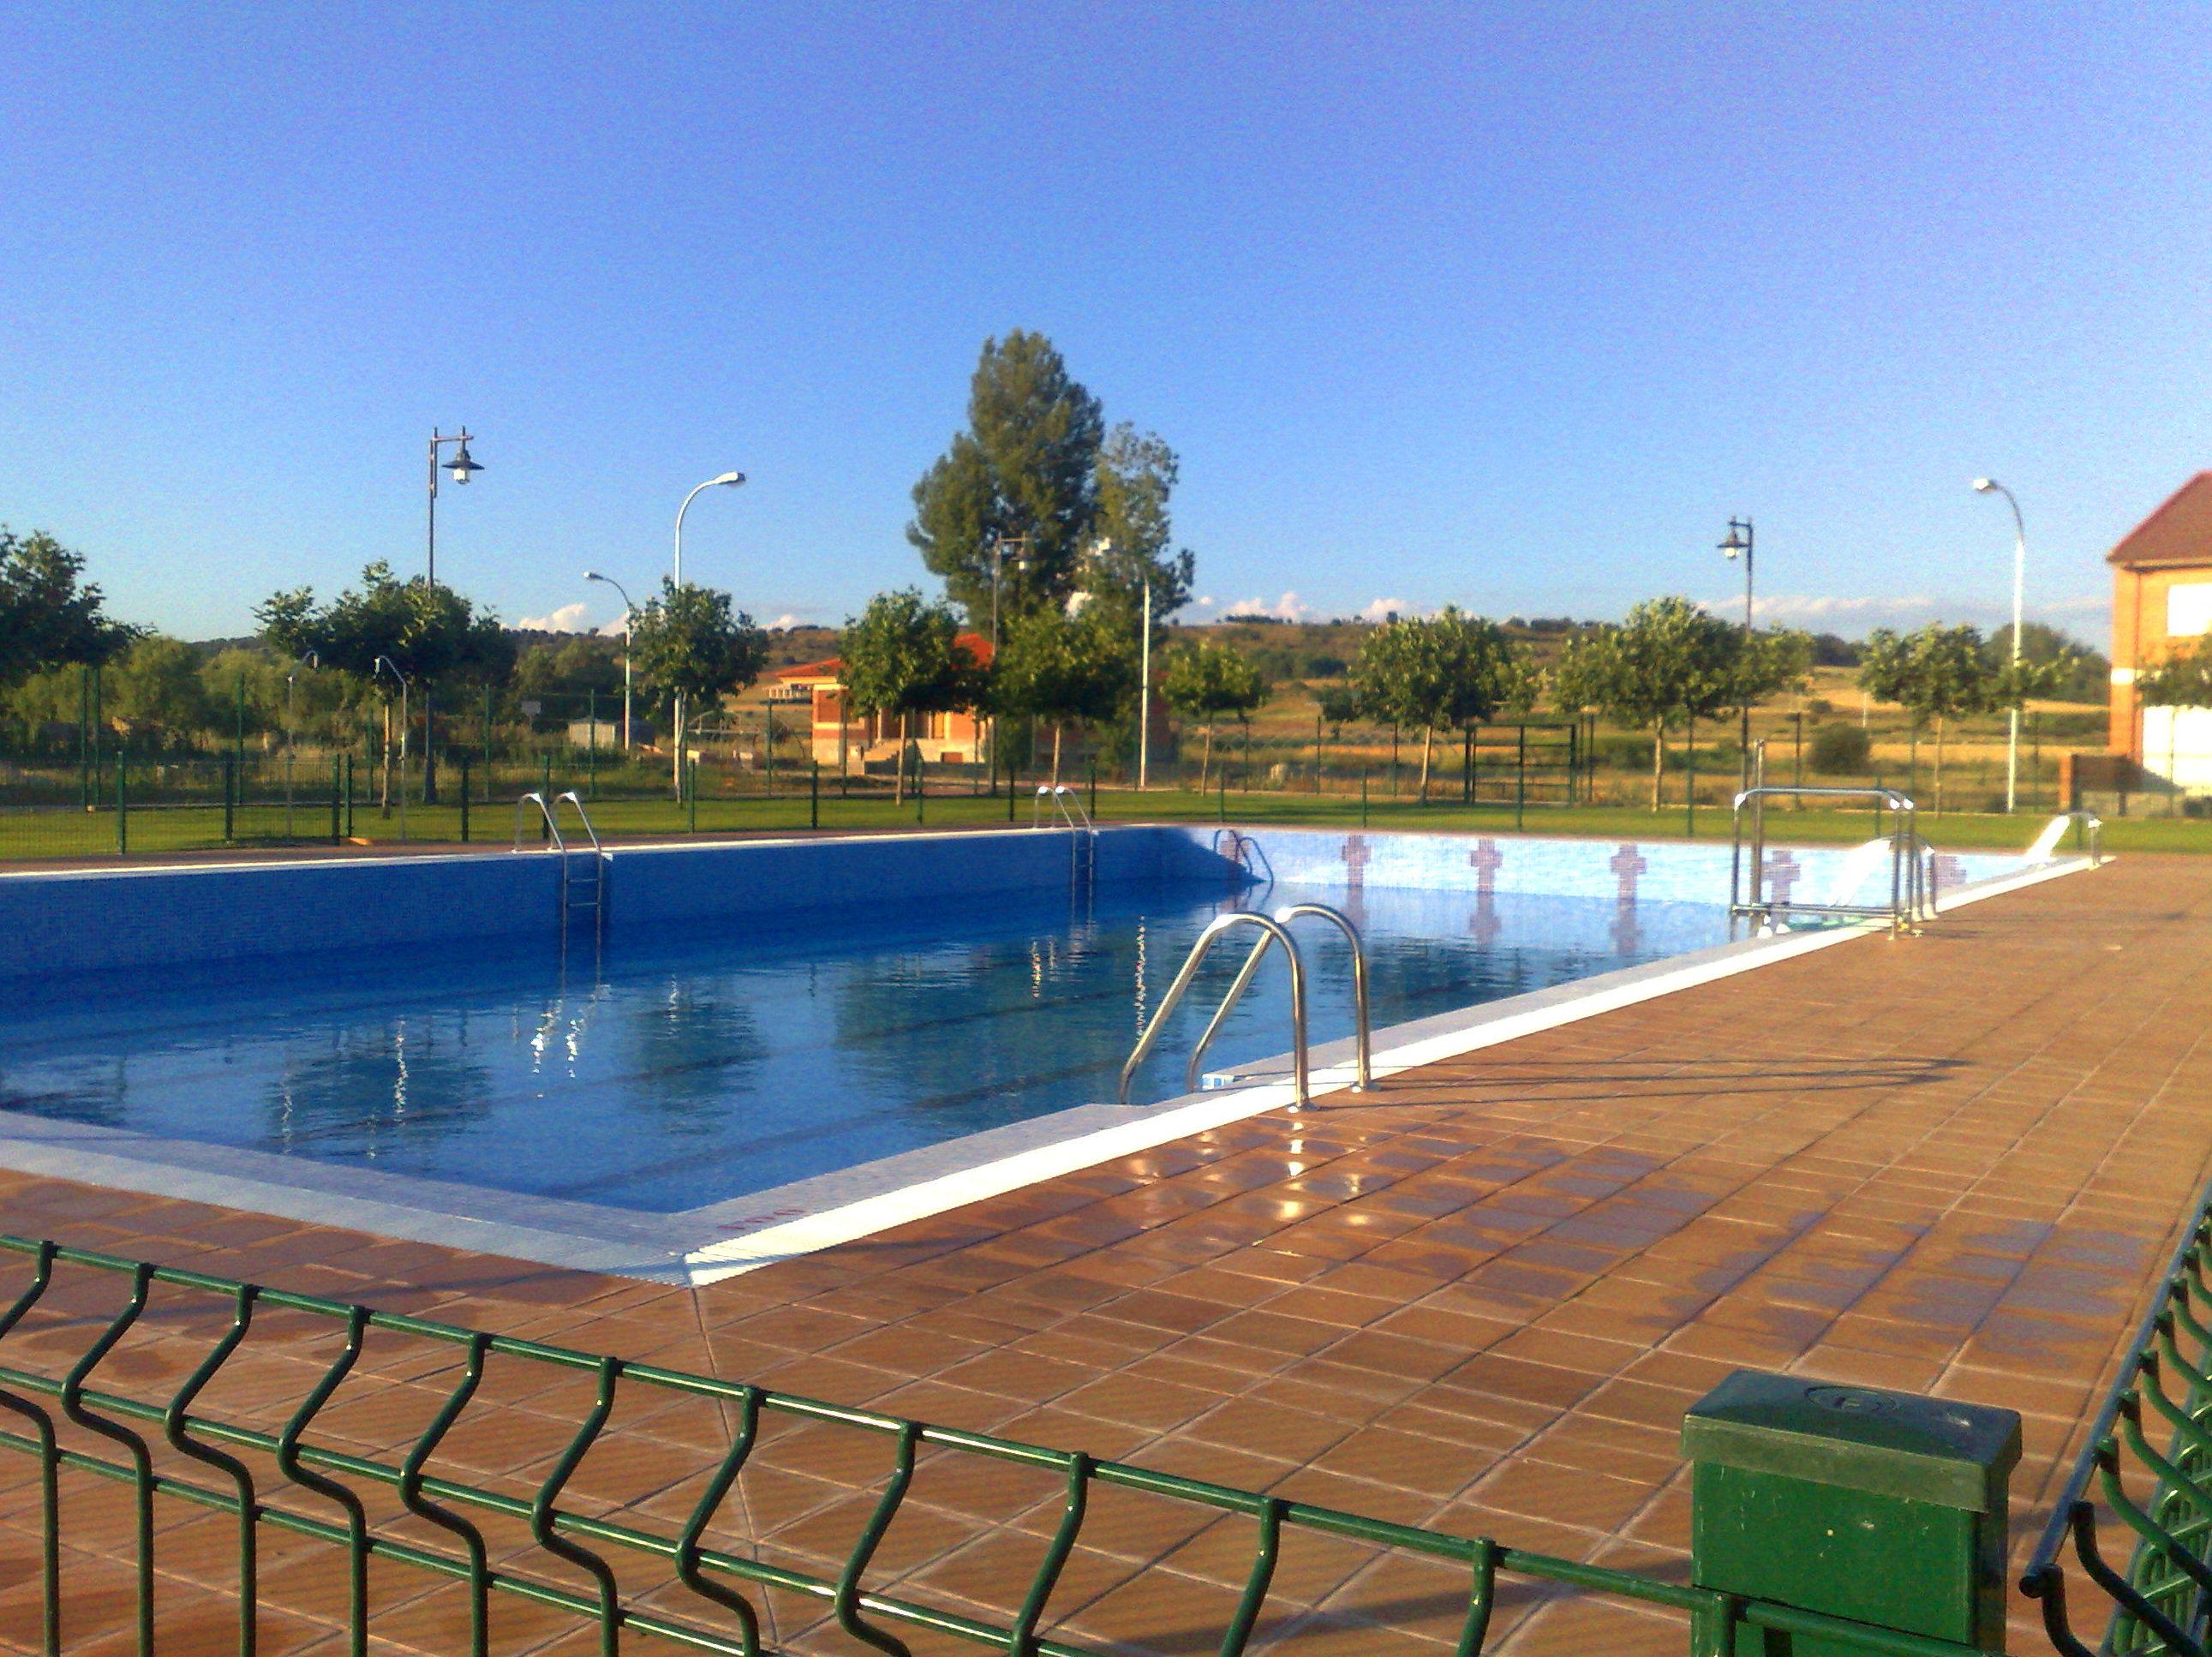 Foto 18 de instalaciones deportivas en le n for Piscinas fluviales leon